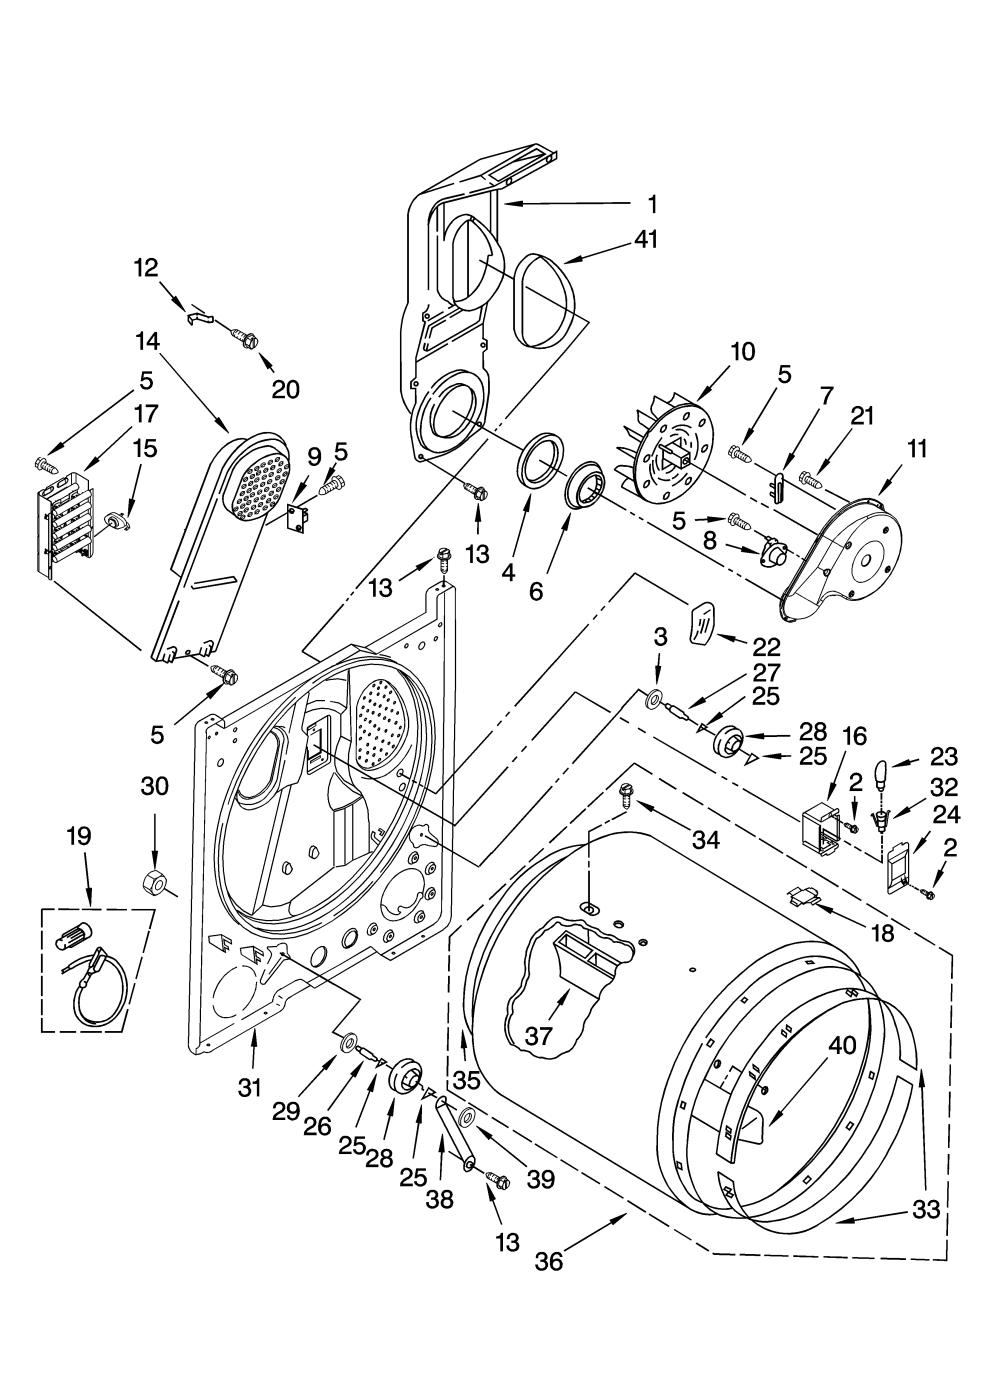 medium resolution of maytag dryer diagrams simple wiring schema maytag dryer specs maytag dryer diagram de212